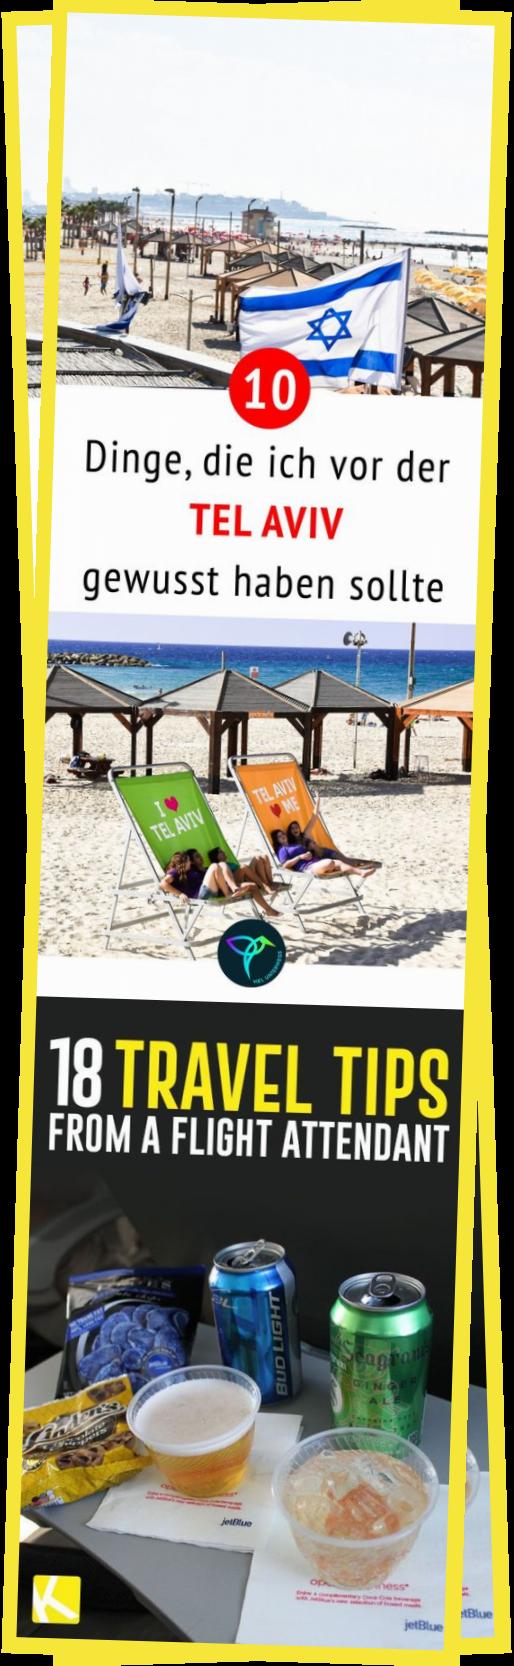 Israel Reisetipps – Die besten Tipps für einen Kurztrip nach Tel Aviv. #reisen #reisetipps #städtetrip #reiseblog  #Tipps #Aviv #Alles #Reise #Wissen #Musst #more #besttravelinspiration #traveltojamaica #traveldiary #travelideas #irelandtravelideas #sweedenideas